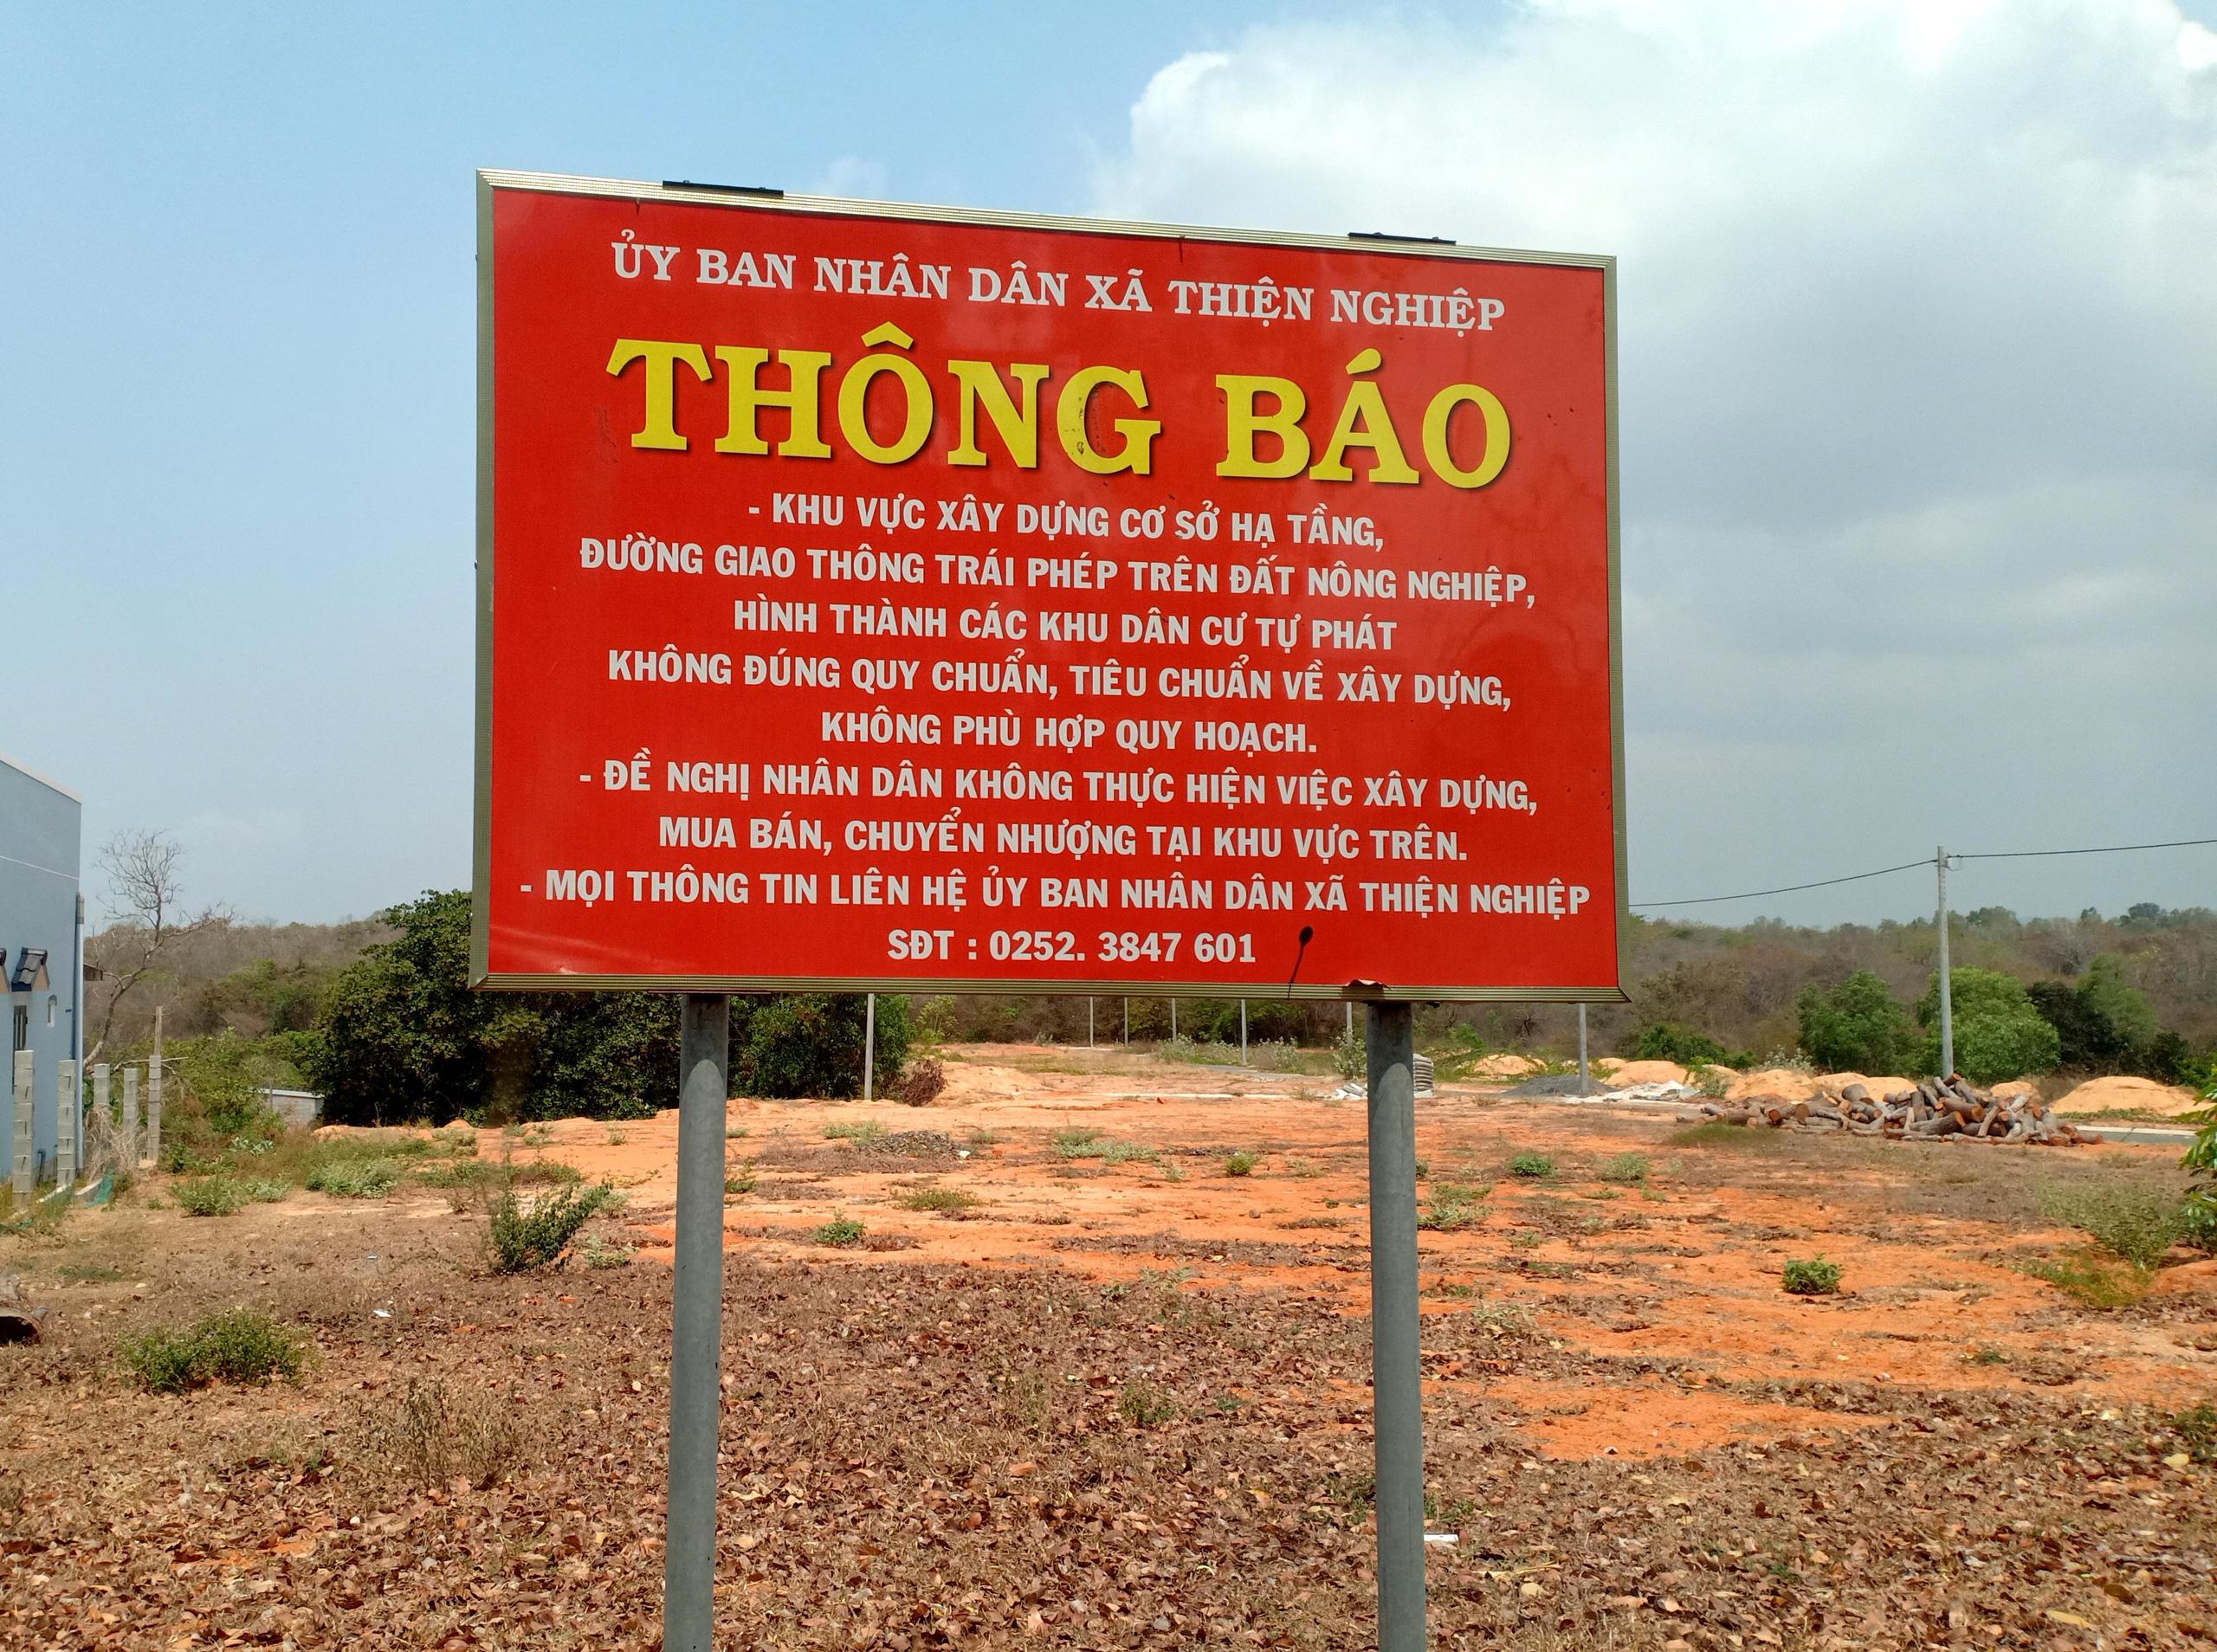 Cận cảnh sân bay Phan Thiết gây sốt đất - Ảnh 12.